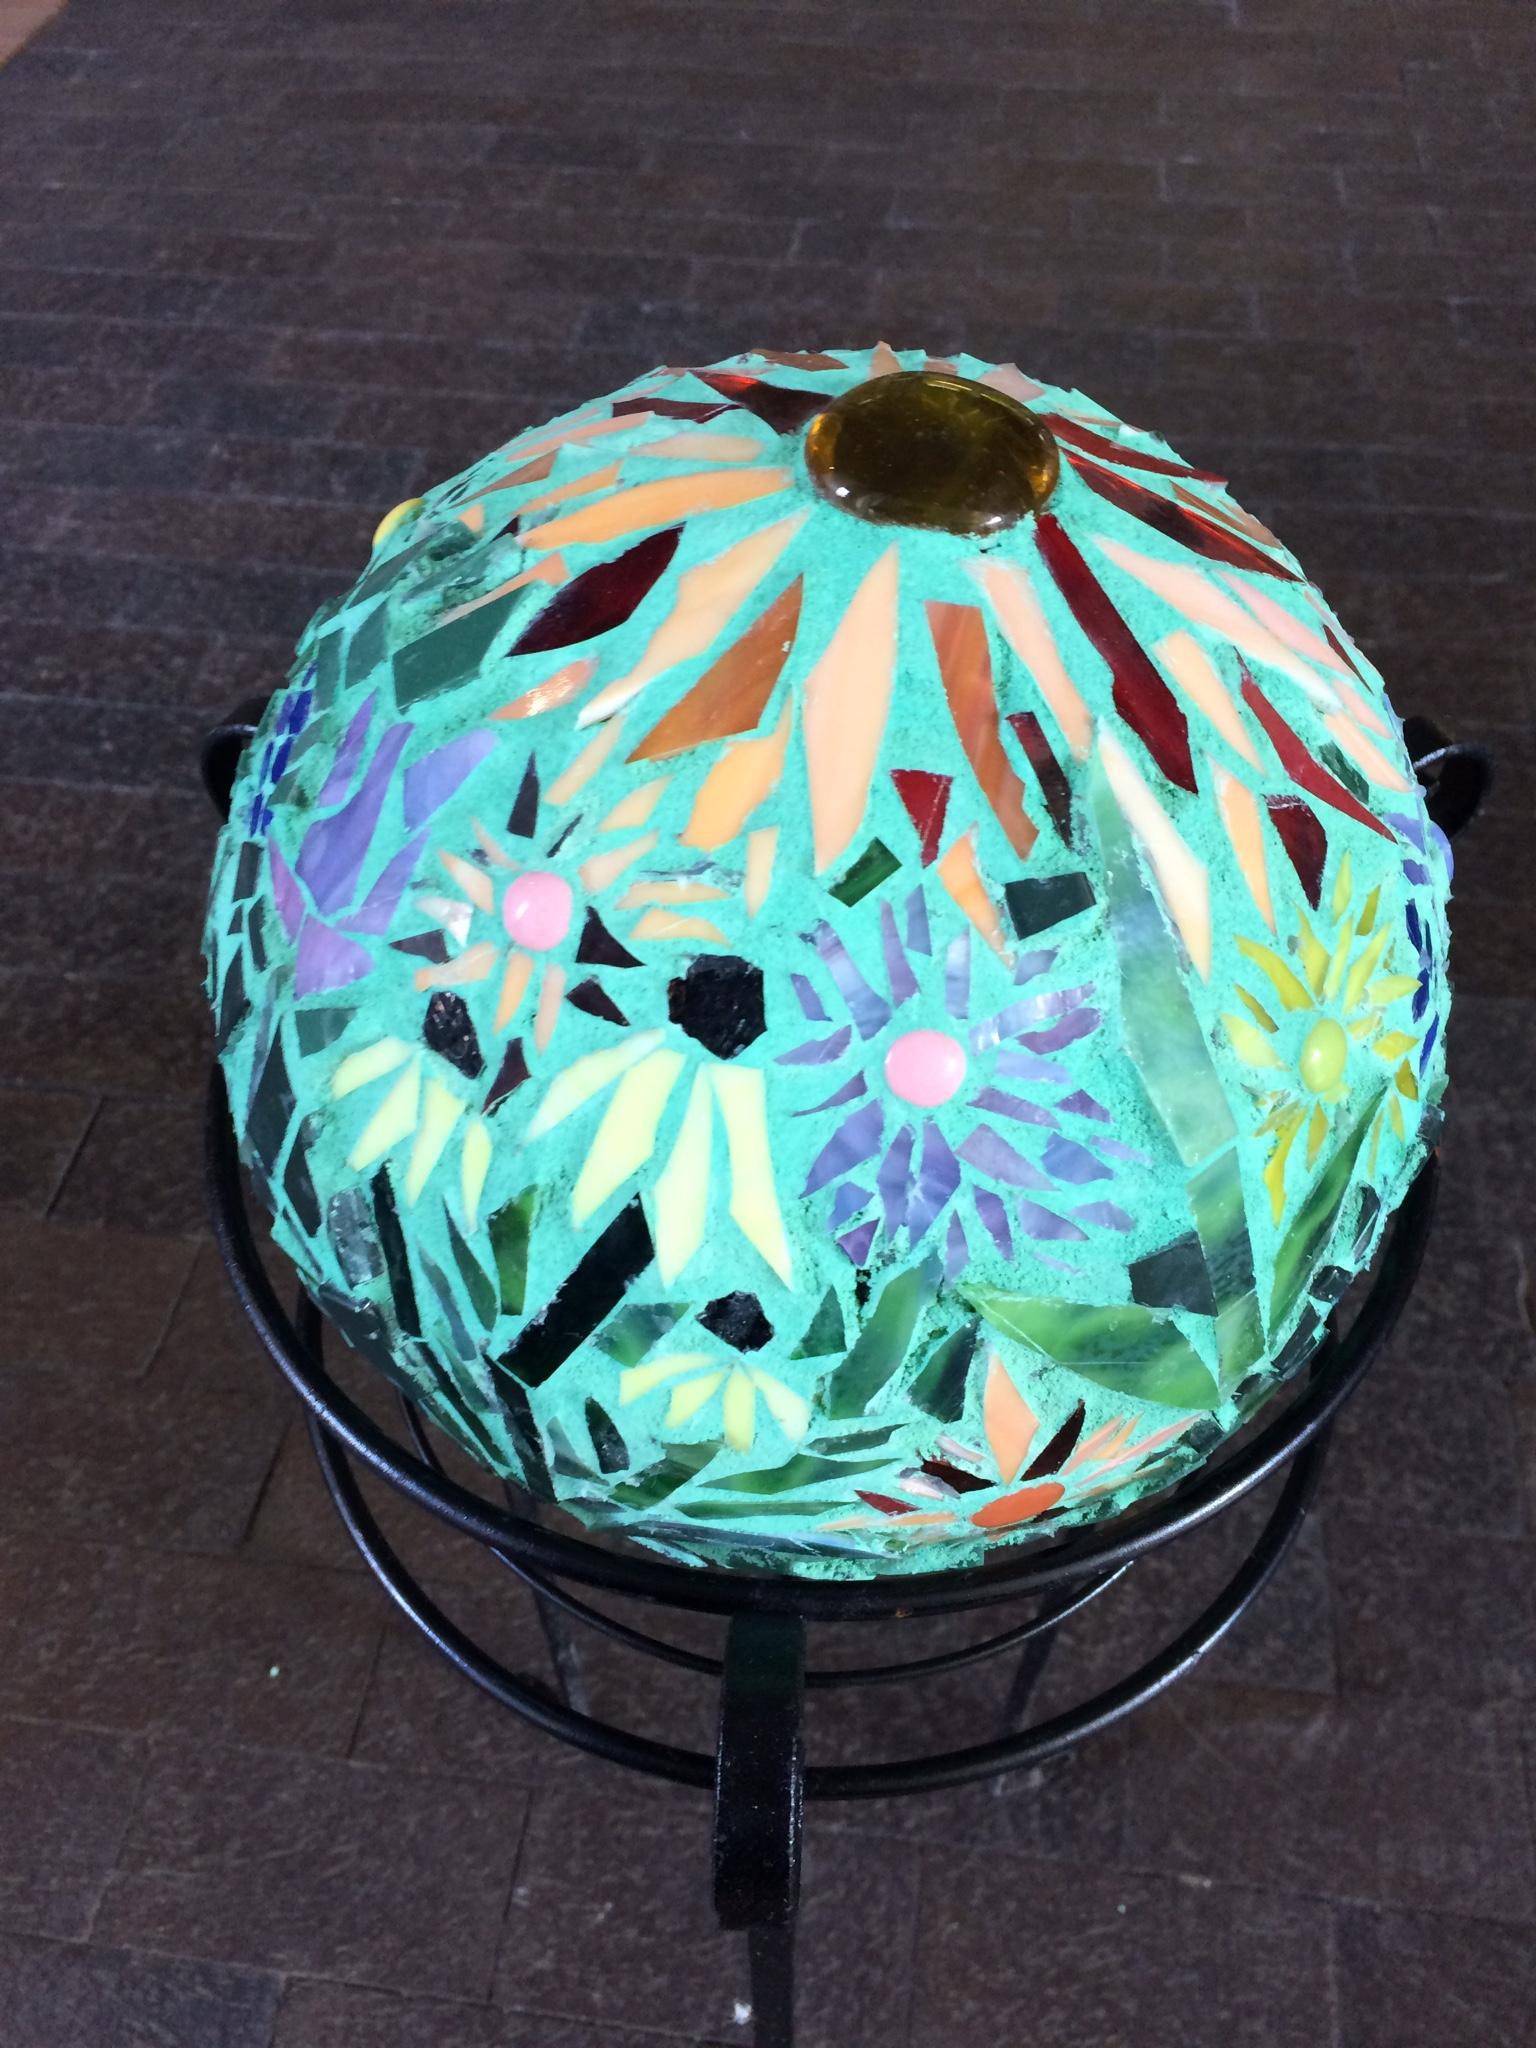 Mosaic gazing ball by Karen Earnhardt Charlotte, NC